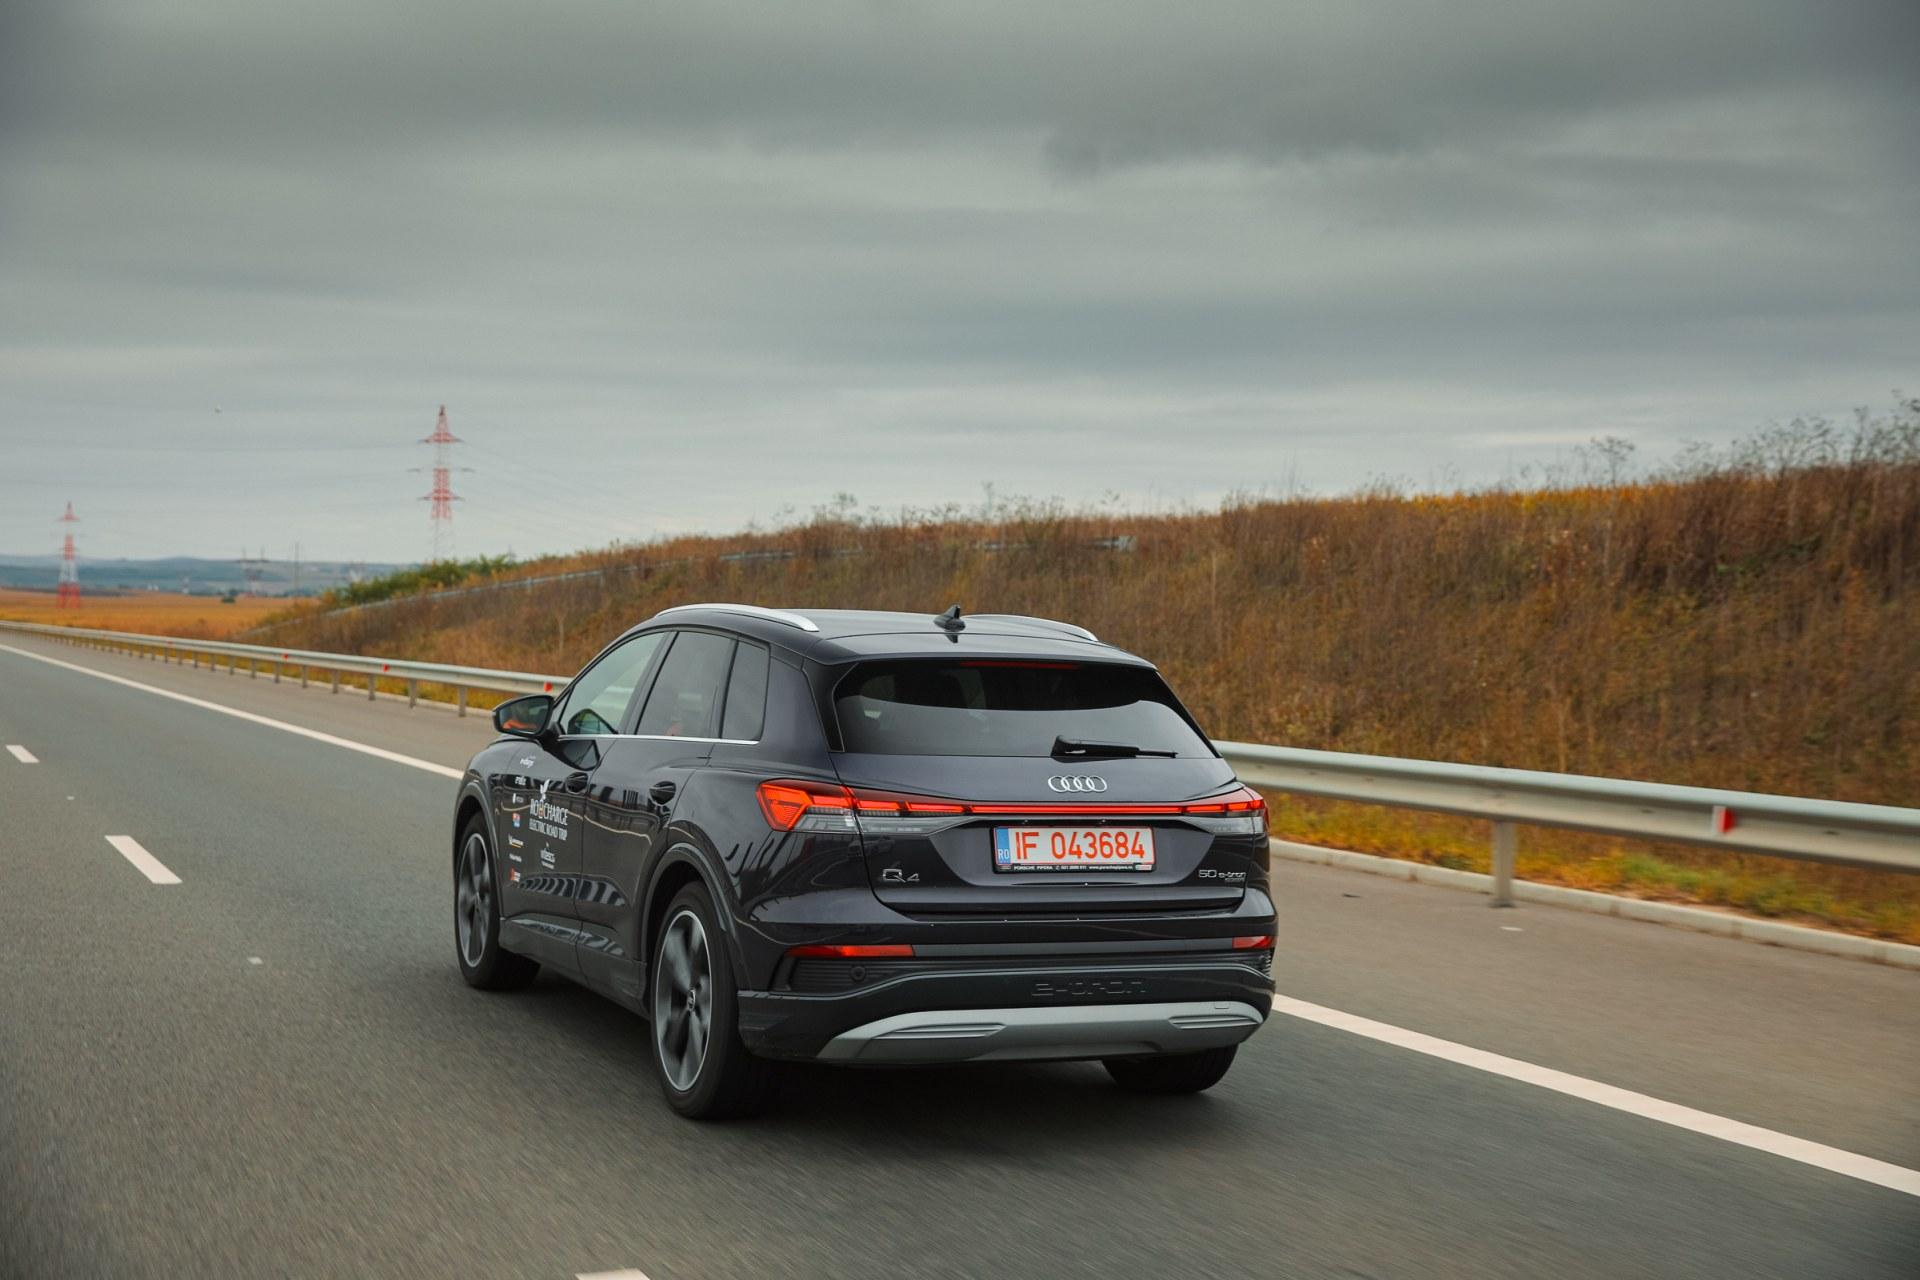 driven-2021-audi-q4-e-tron-50-quattro-audi-s-version-of-the-id4_34.jpg